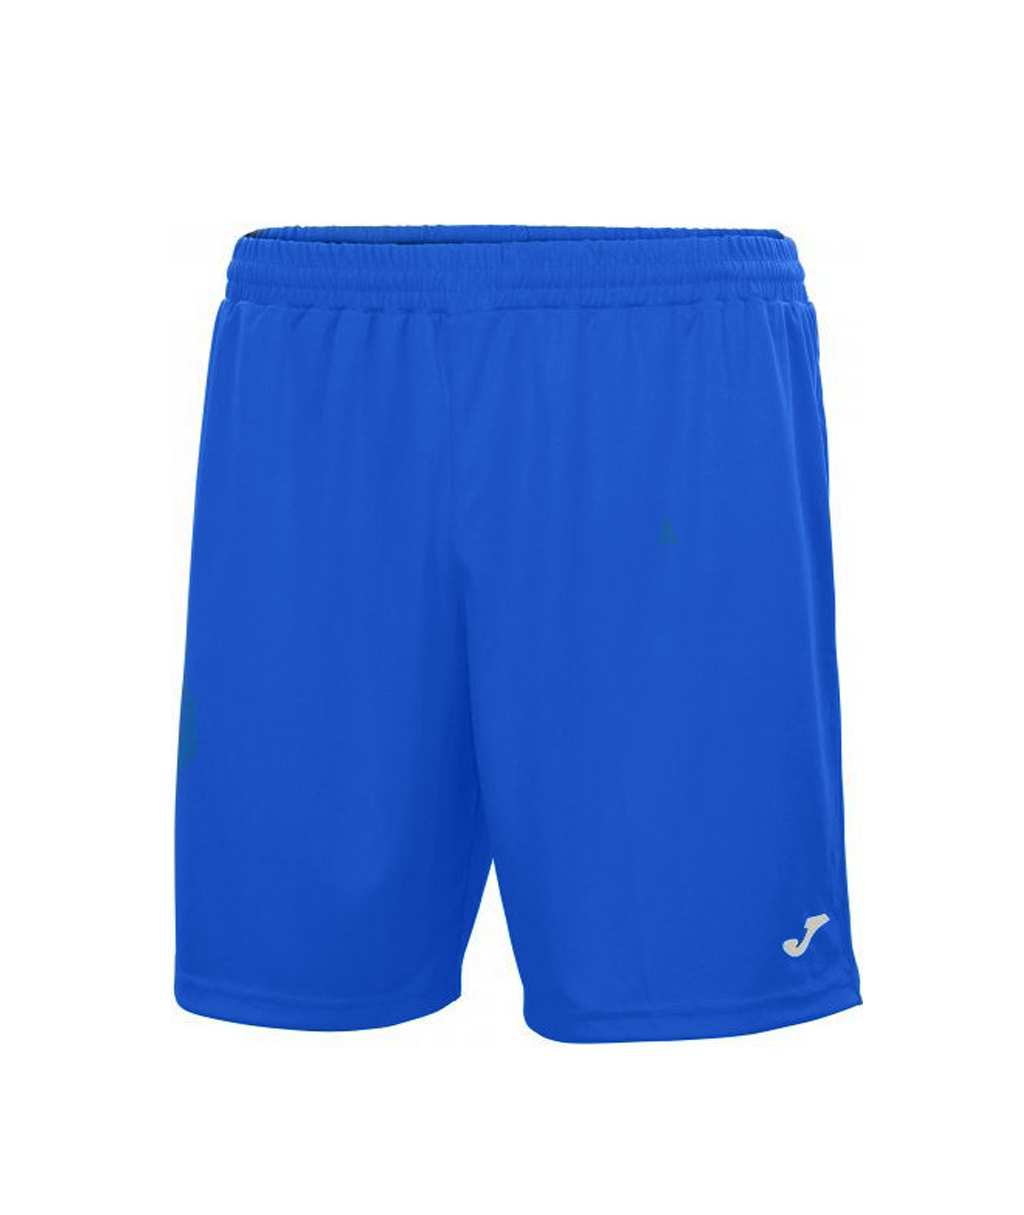 Купить шорты Joma Nobel 100053.700 синие в интернет-магазине